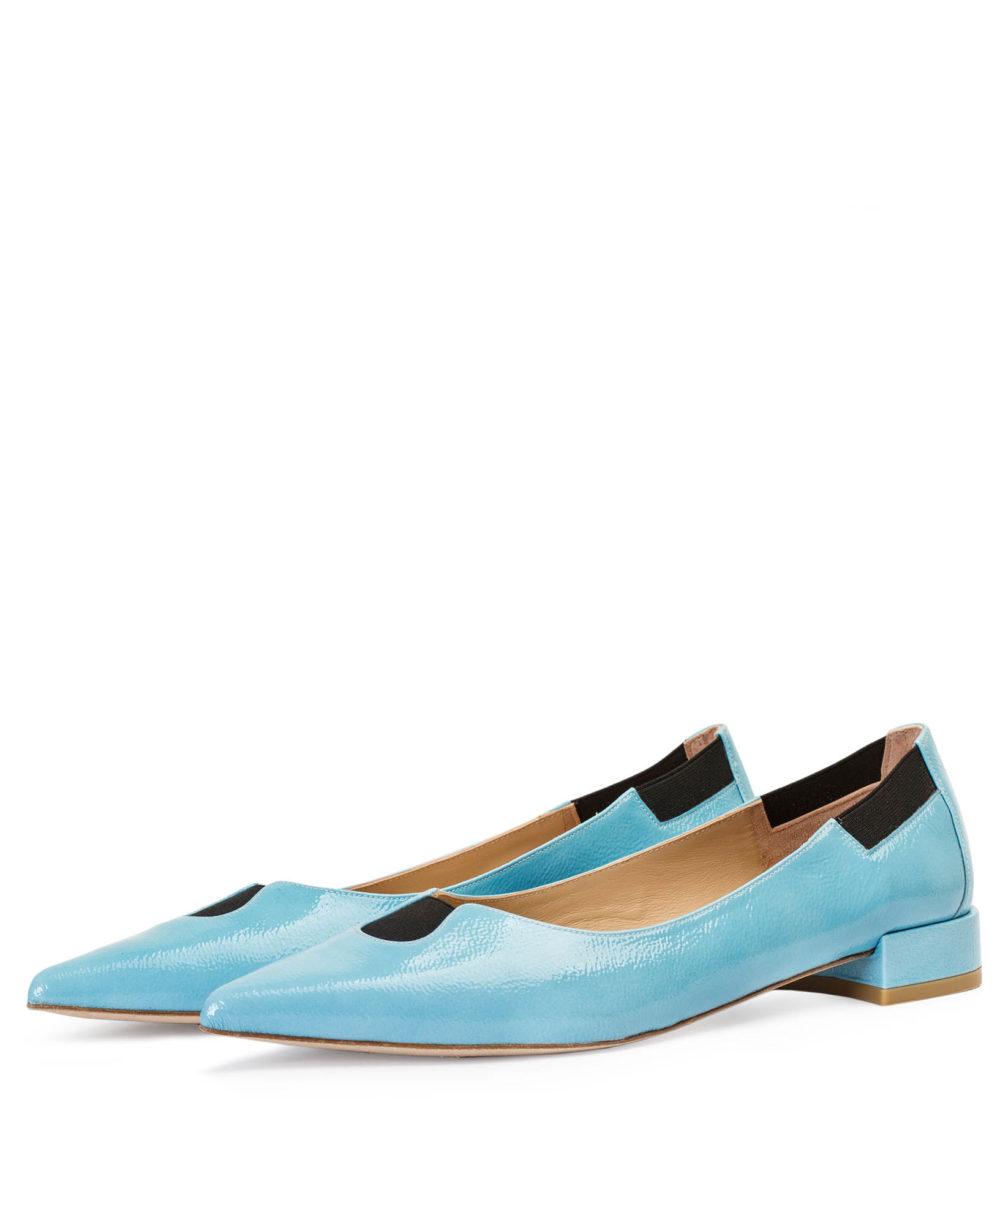 P-3902 VALERIA SKY DUMA zapato de piel plano Paco Gil - par